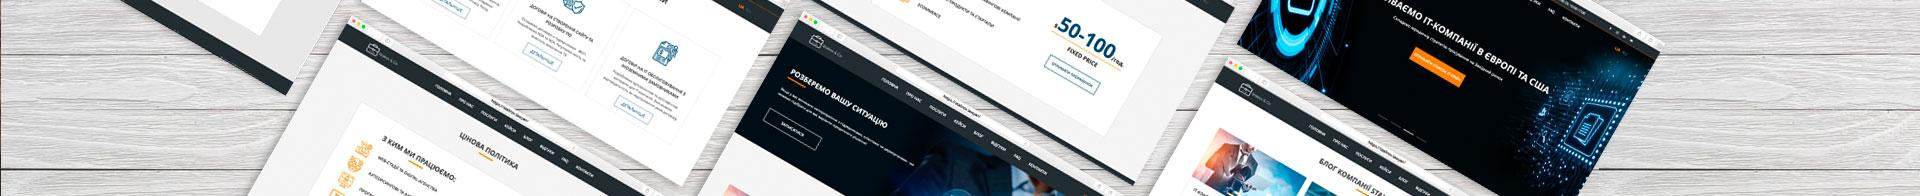 Договор на разработку программного обеспечения: с заказчиками и подрядчиками icon